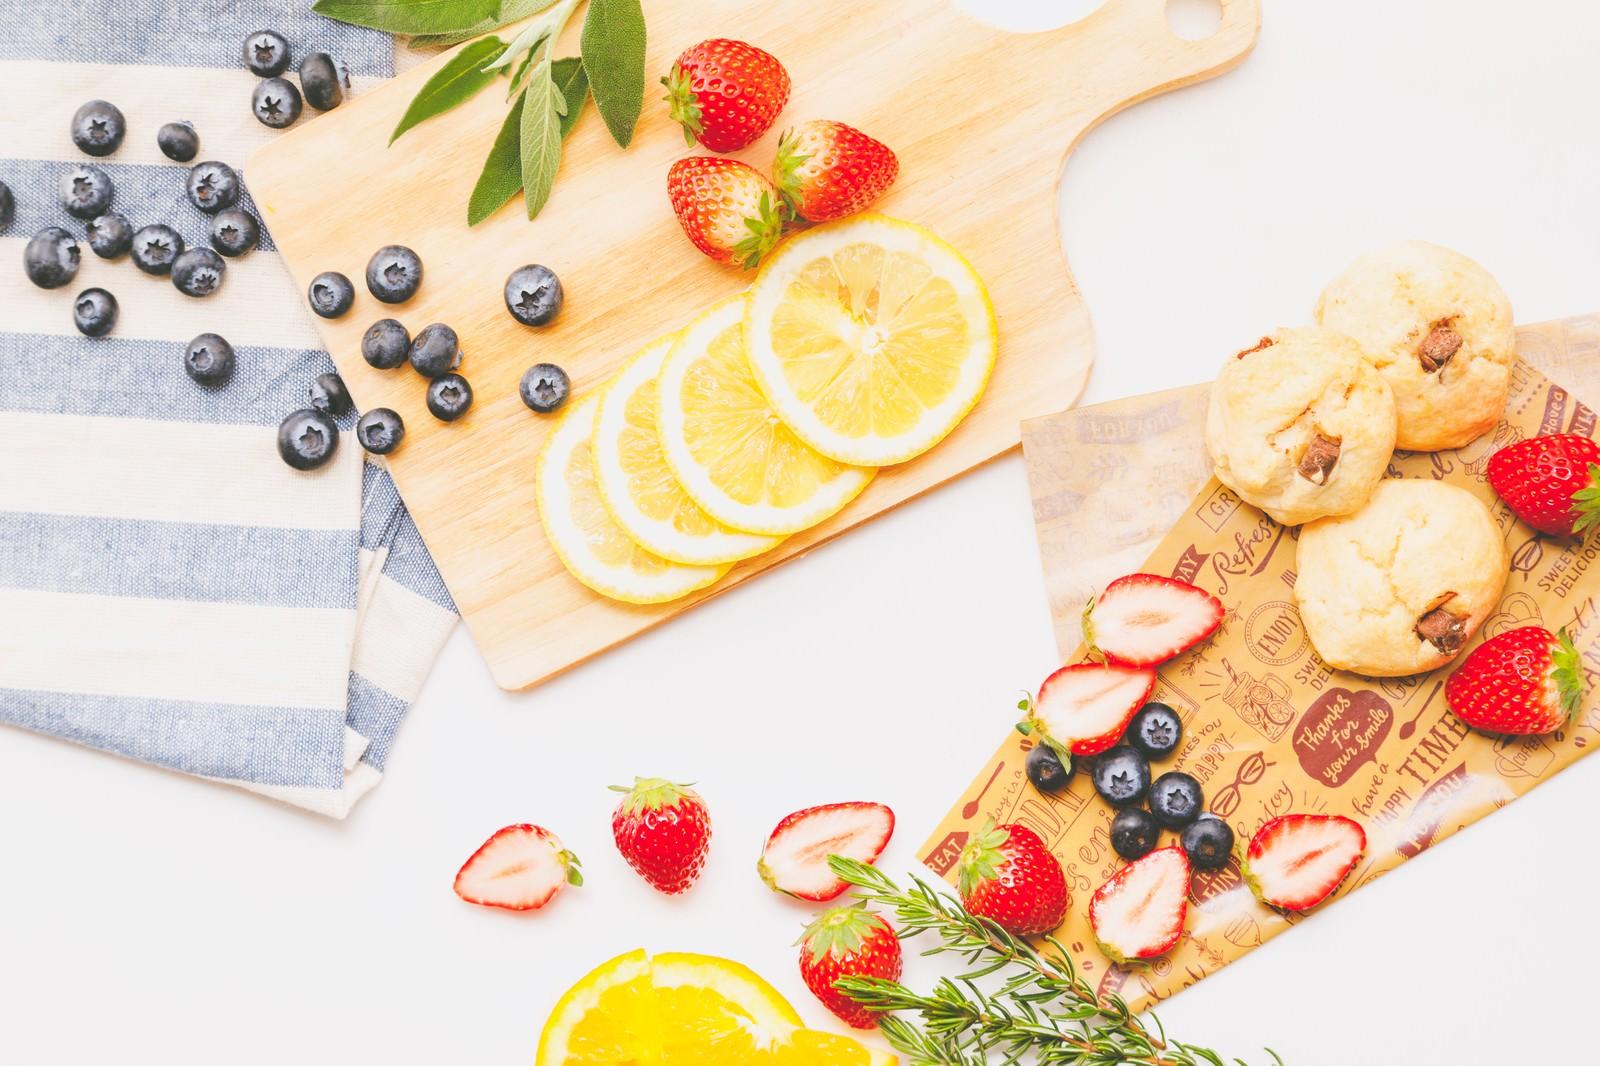 「果物・カットフルーツが集合」の写真